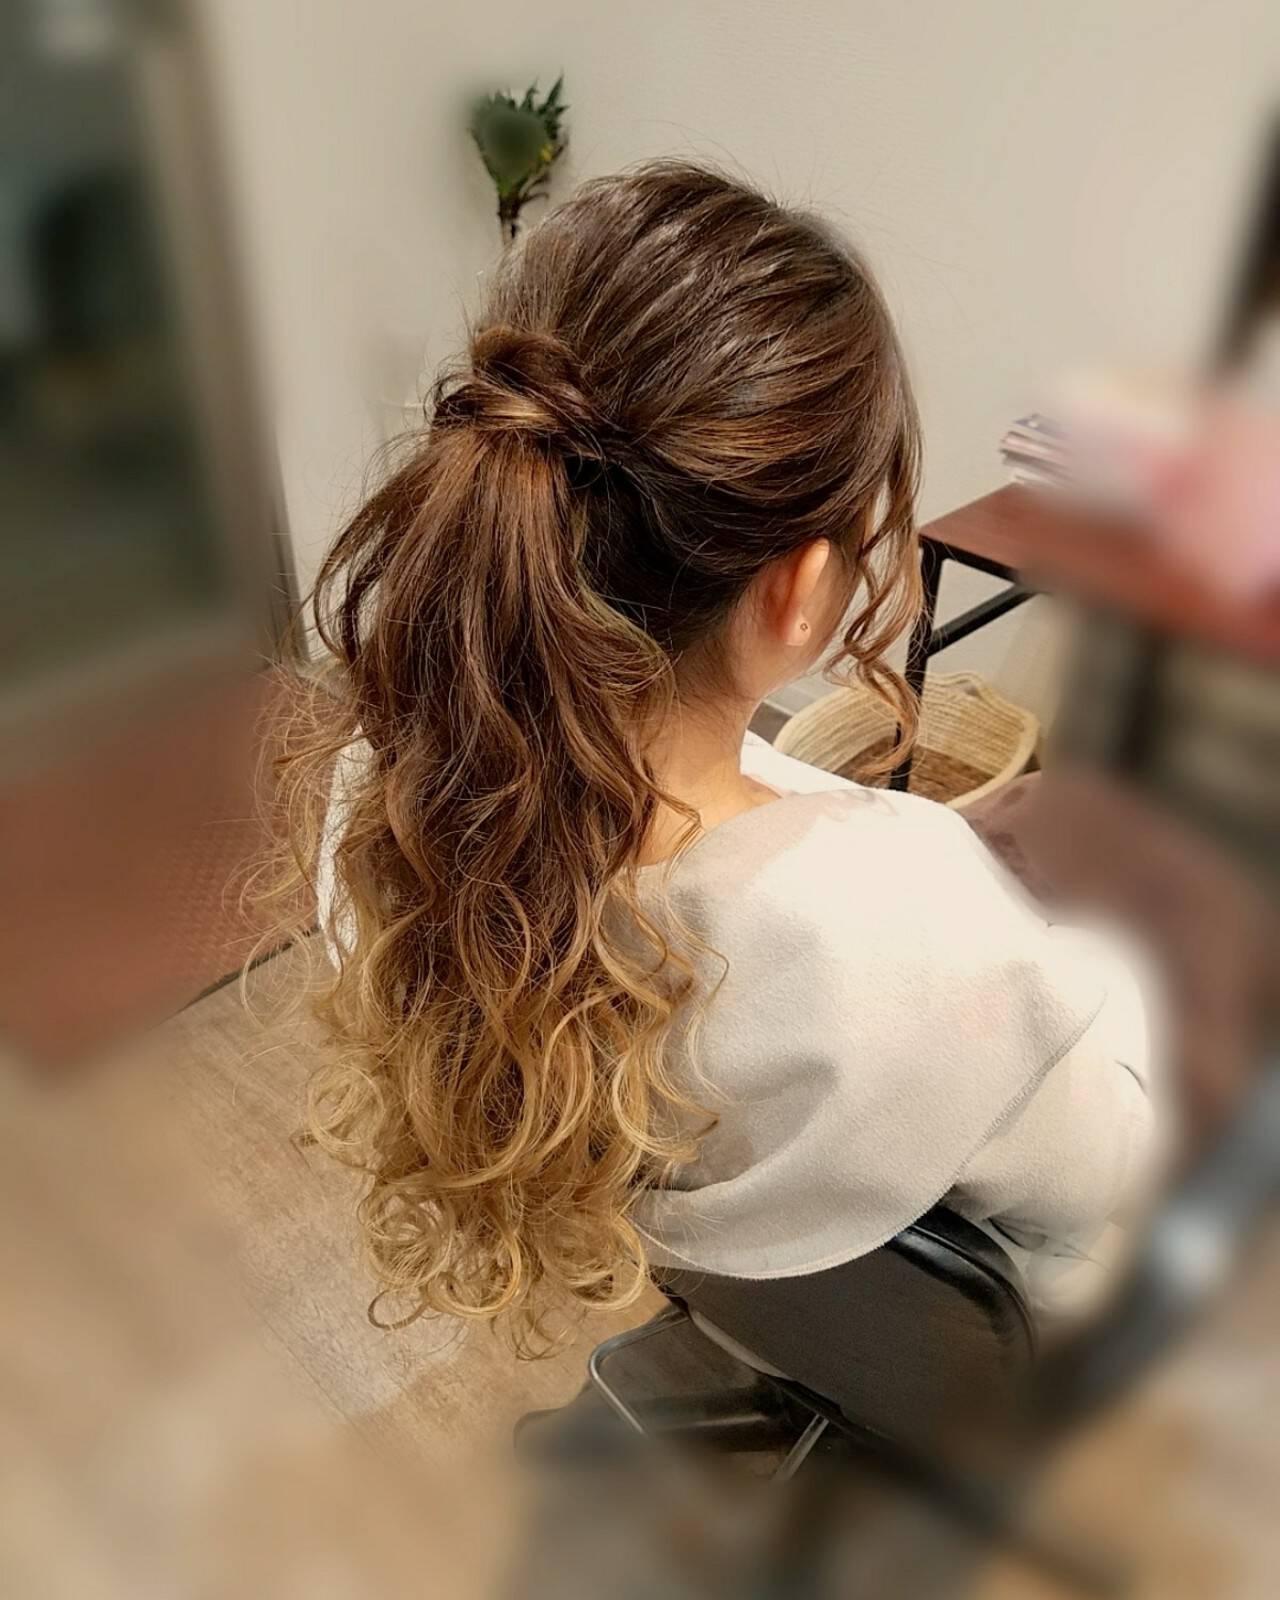 ナチュラル ポニーテール ヘアアレンジ ロングヘアスタイルや髪型の写真・画像